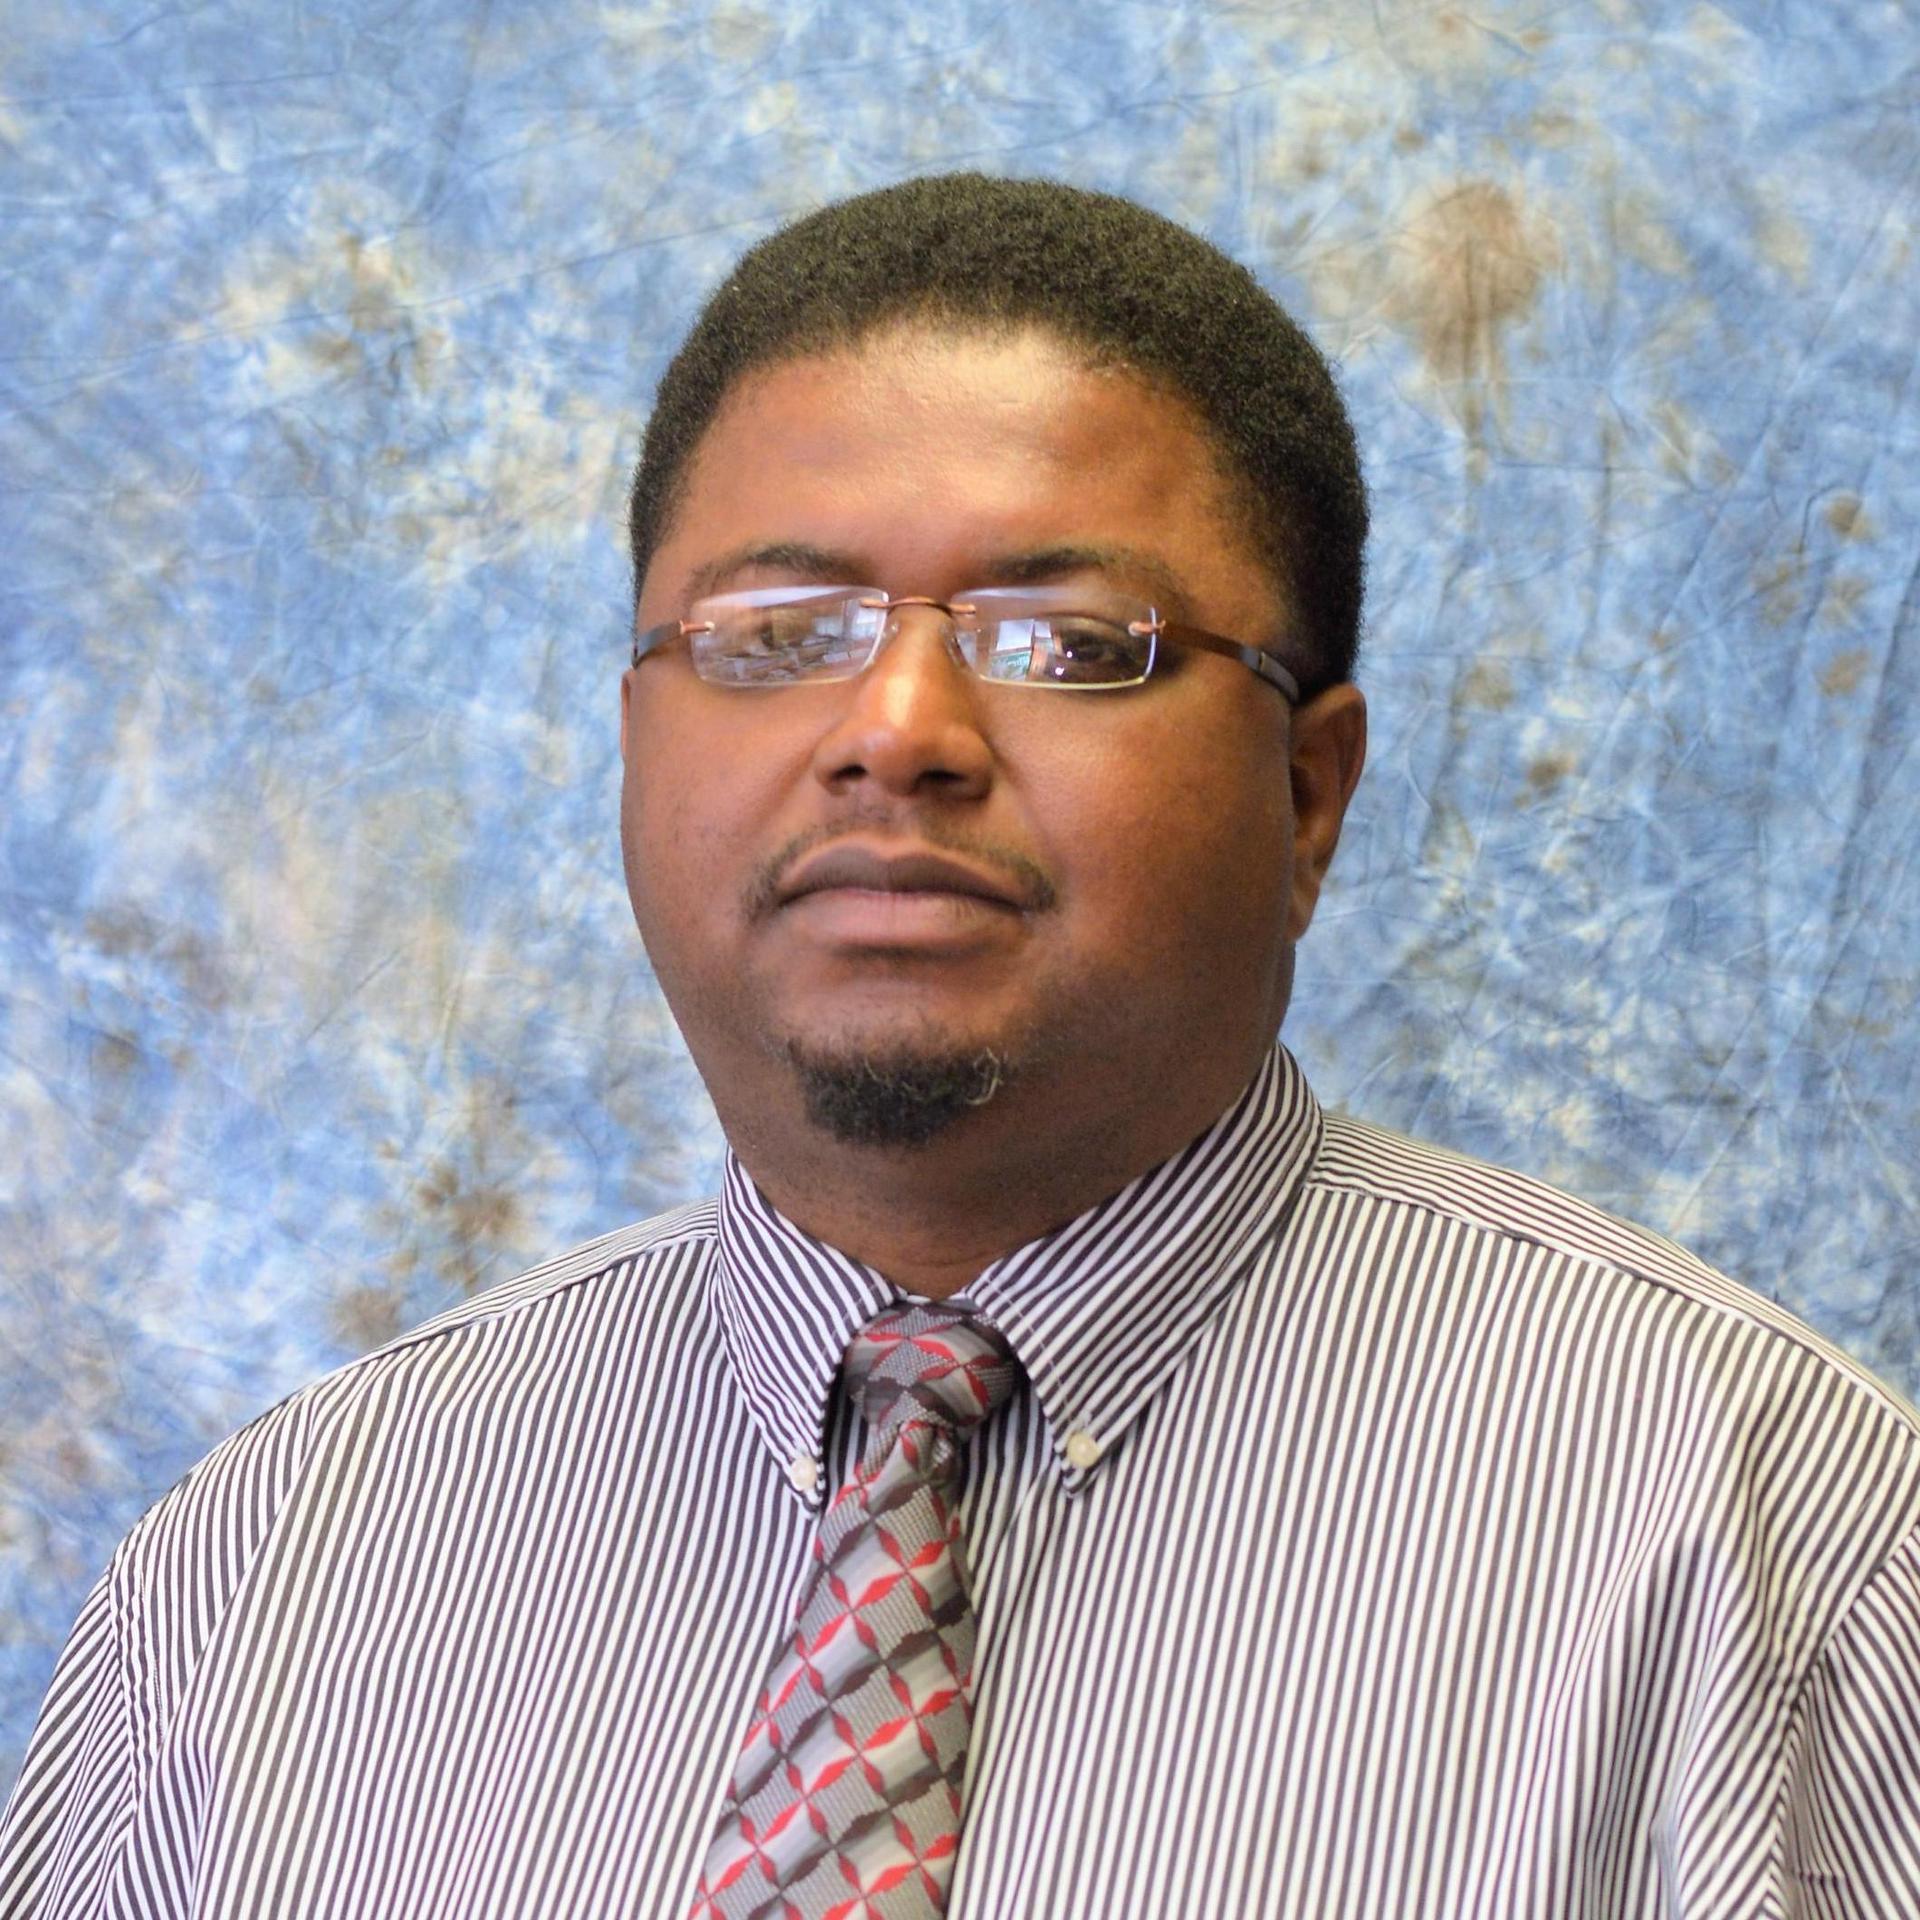 Dr. Sam Whack